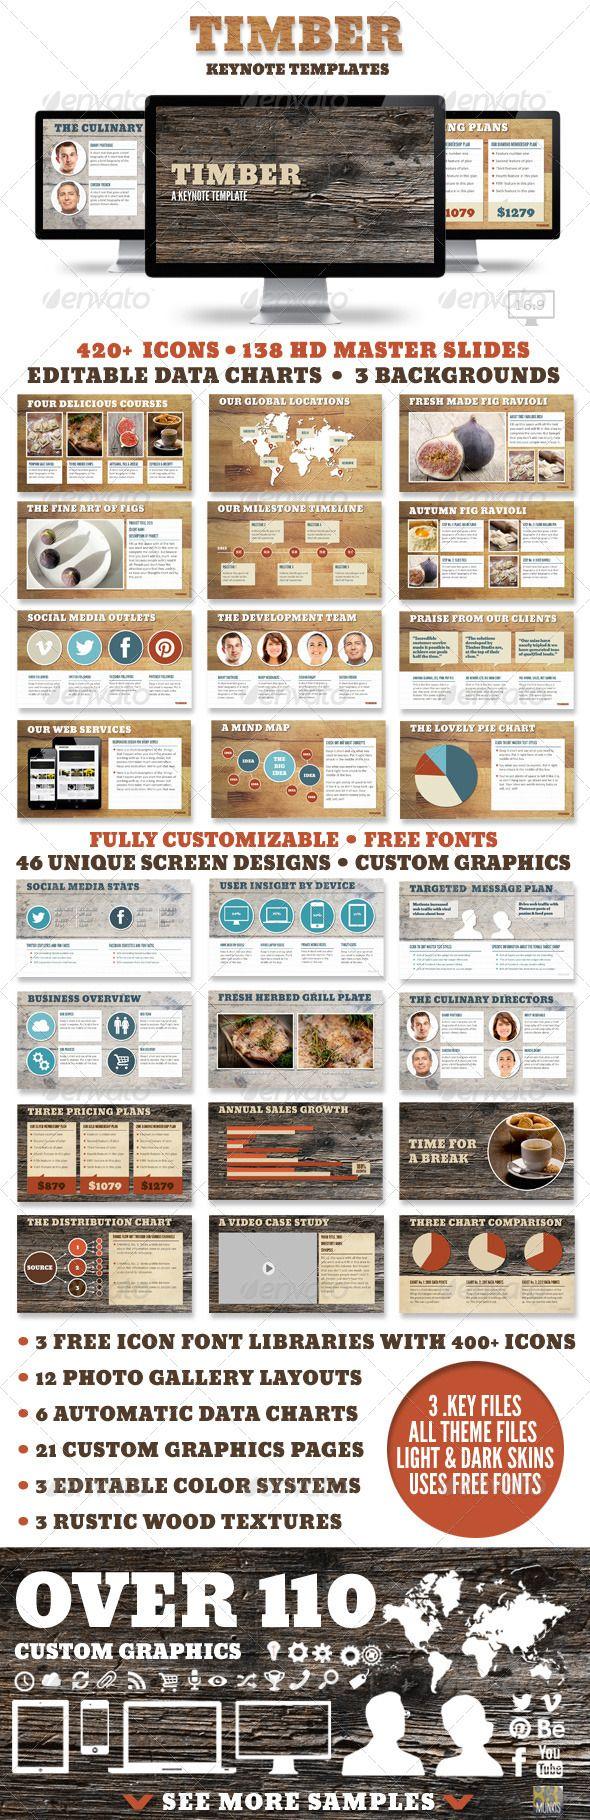 60 best images about make your own cookbook on pinterest. Black Bedroom Furniture Sets. Home Design Ideas